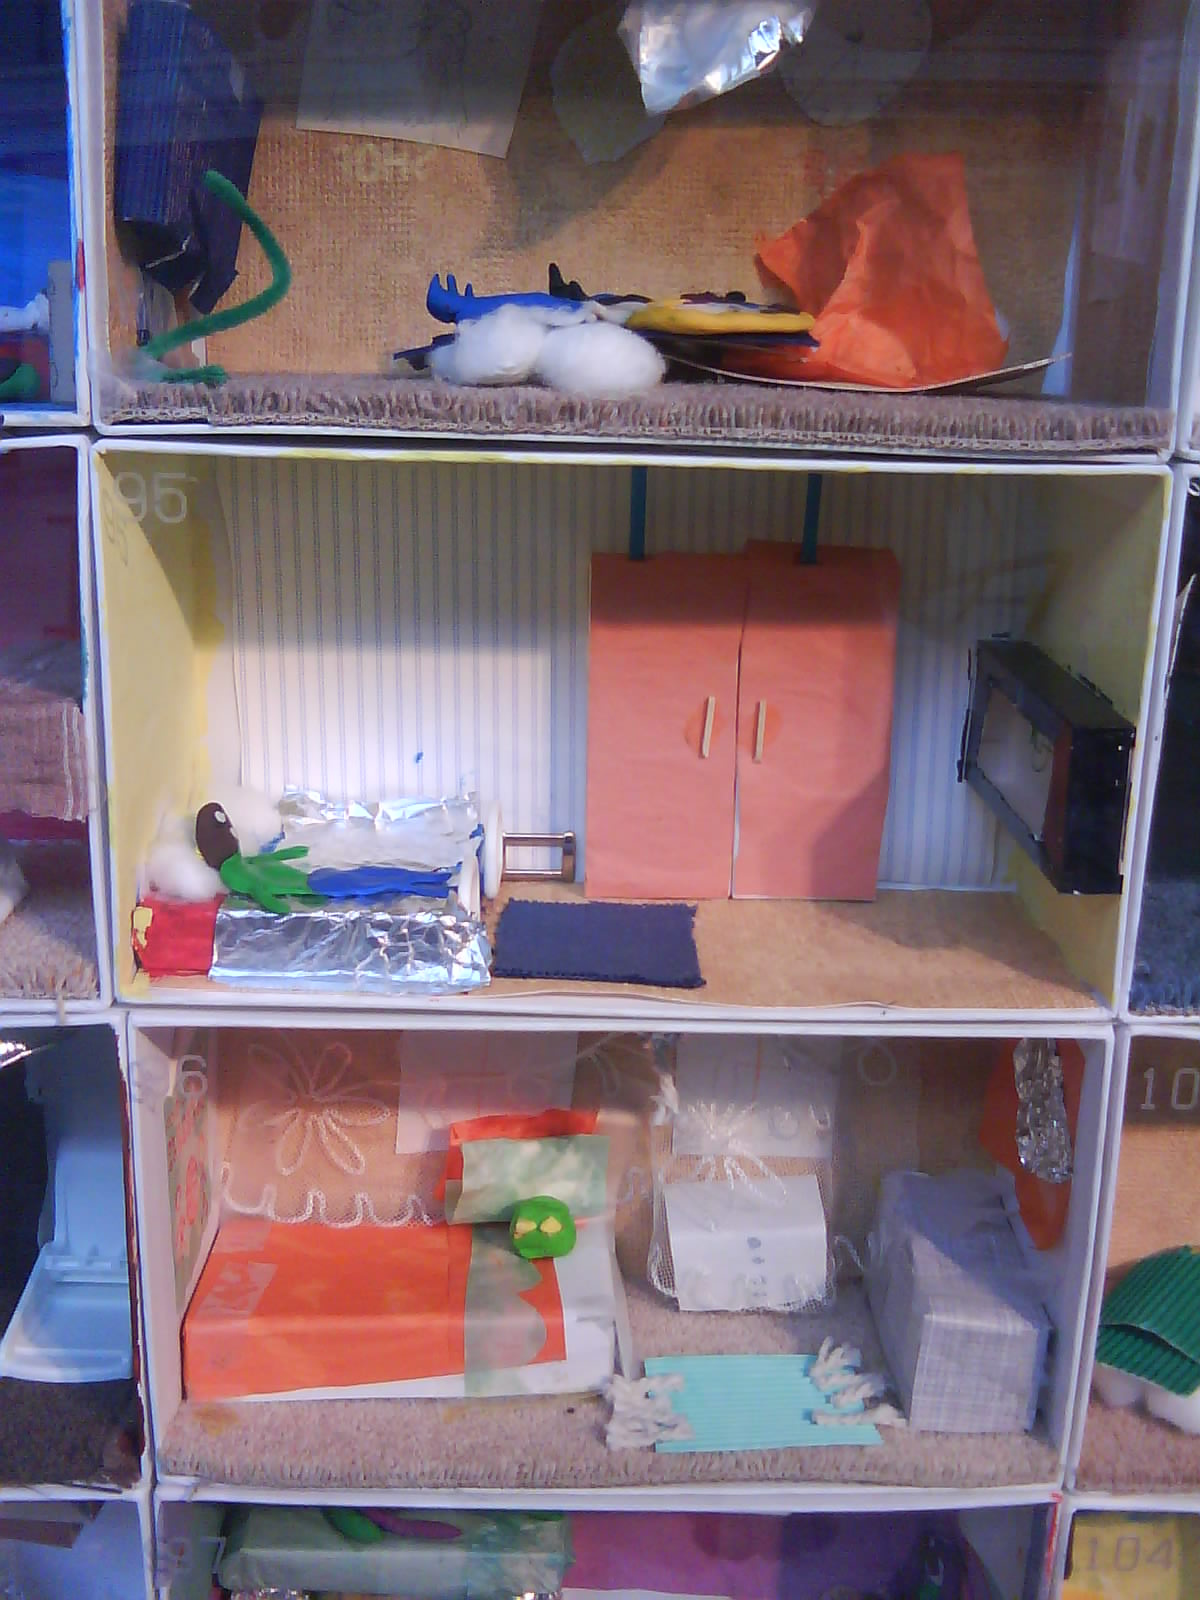 Living Room Short Film Hannah Moore